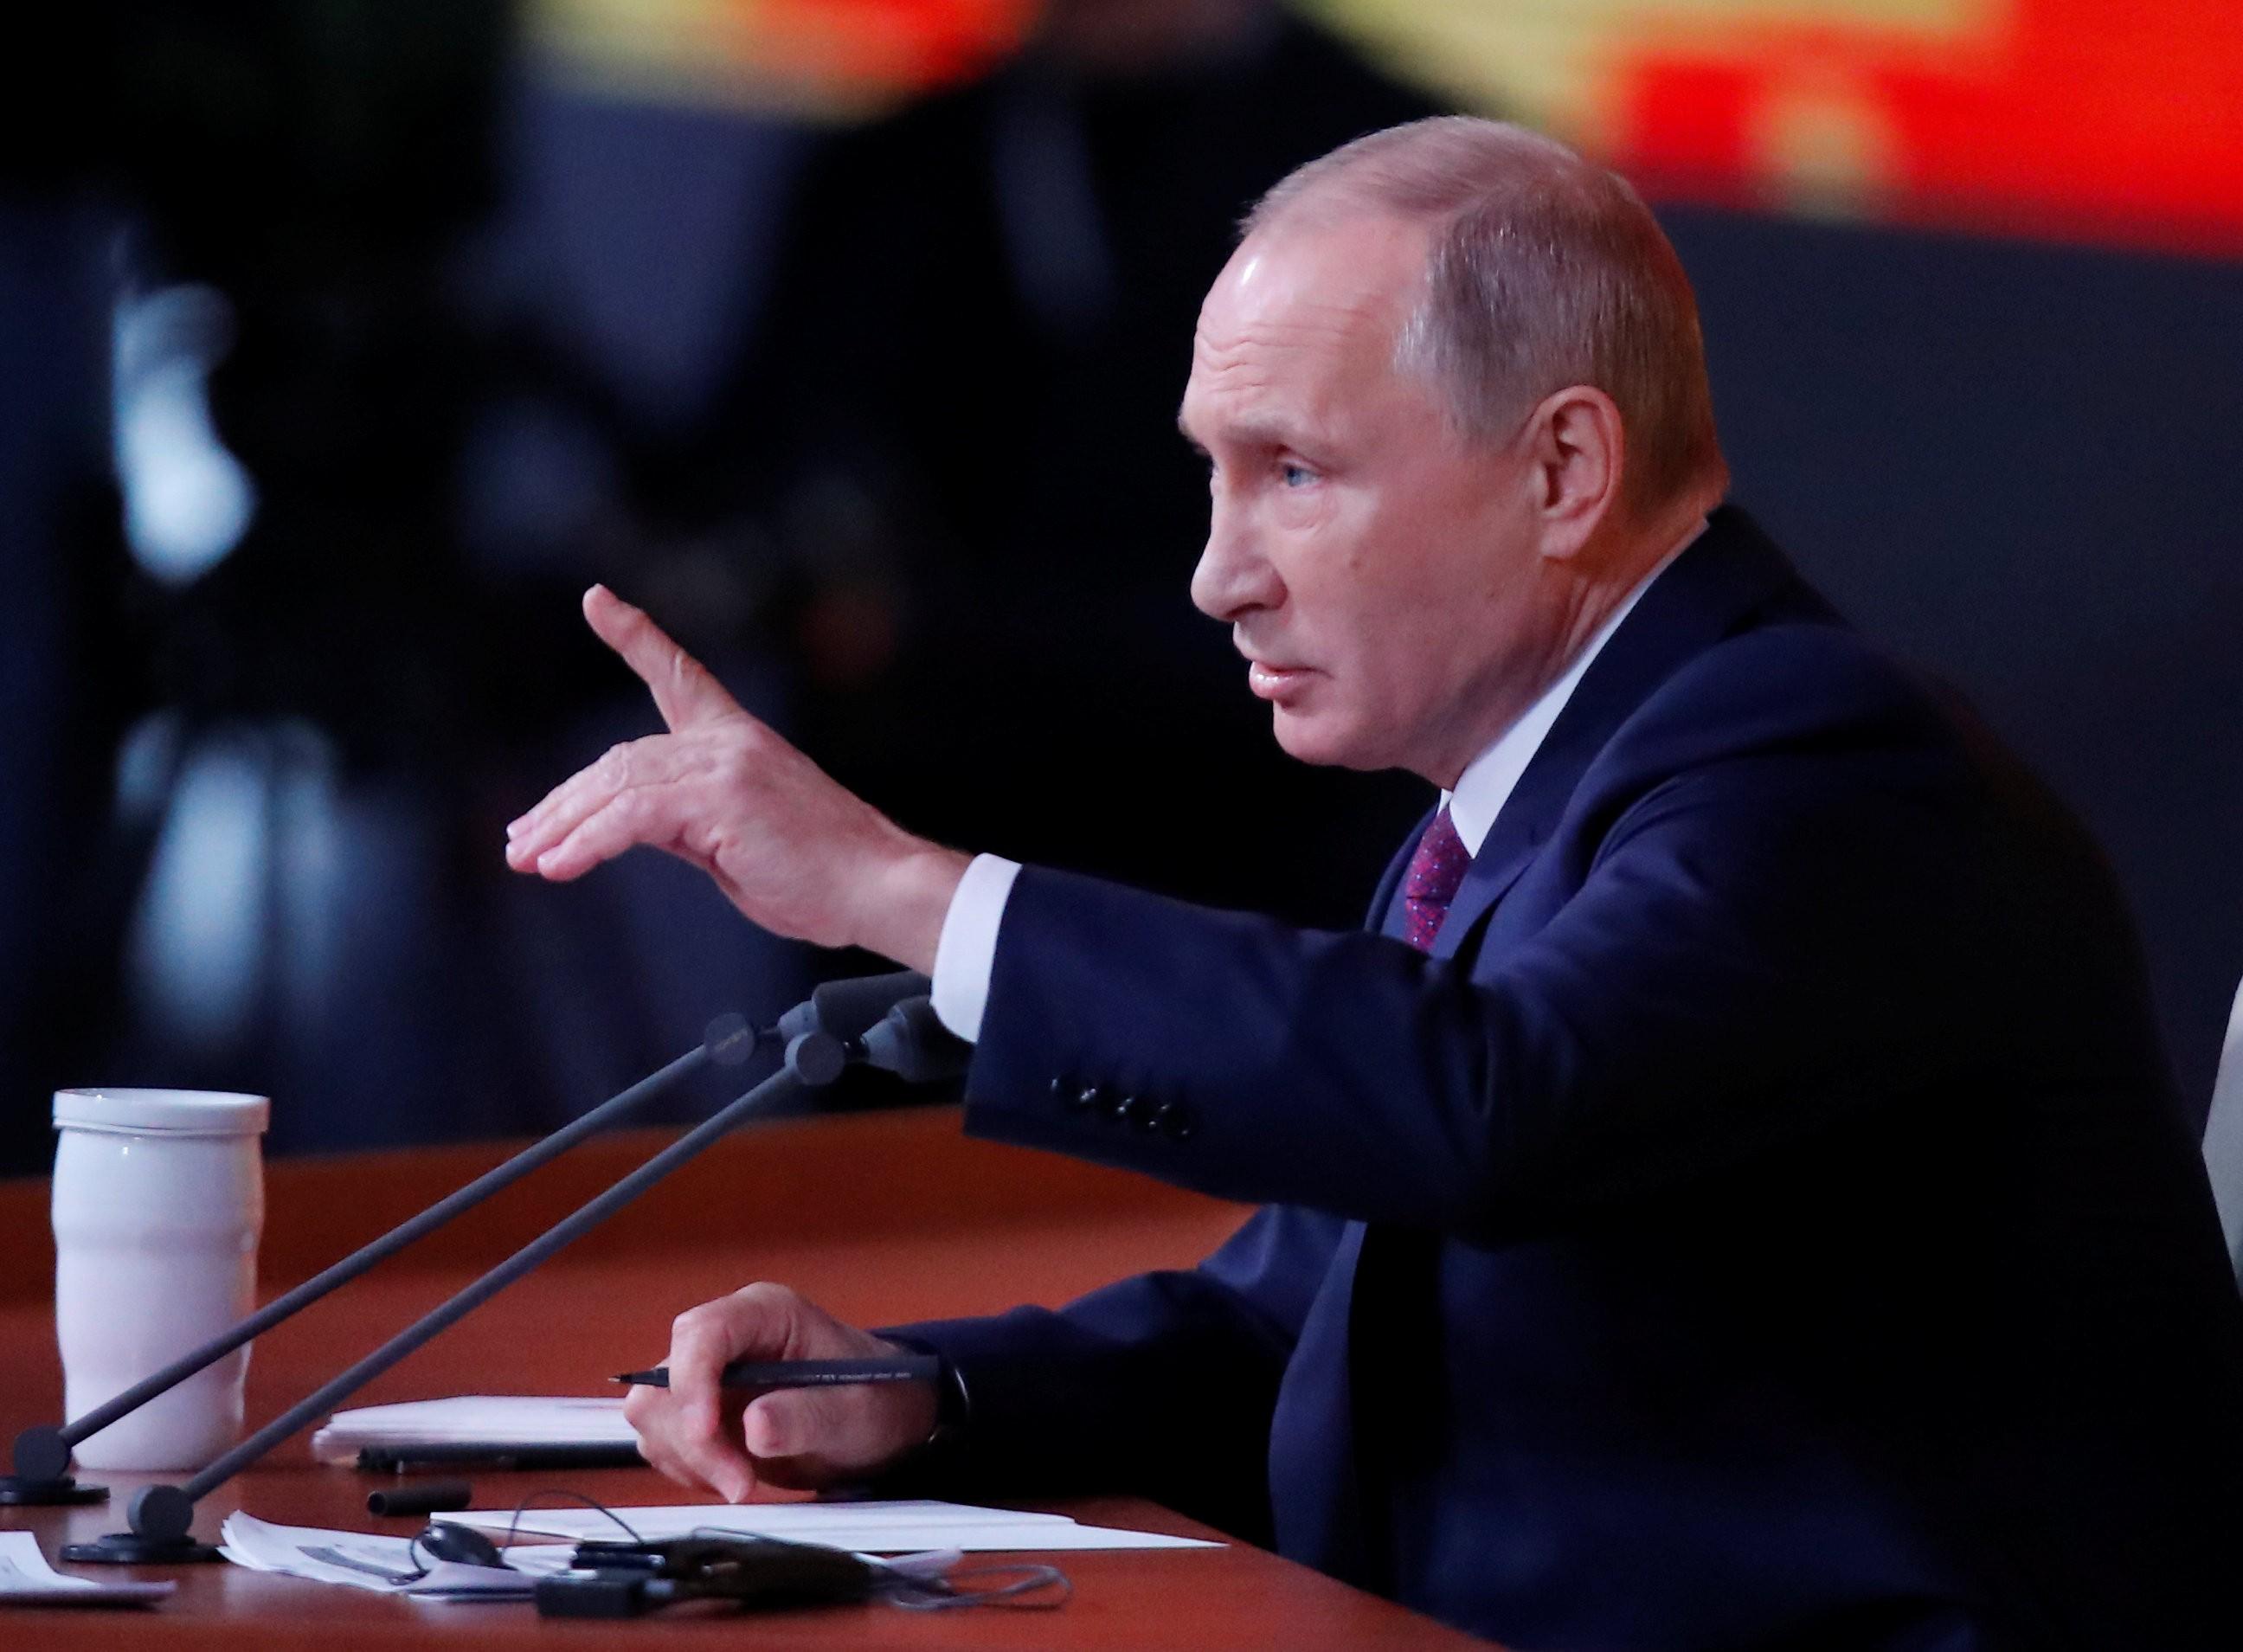 Eleição presidencial russa será no dia 18 de março, define Parlamento